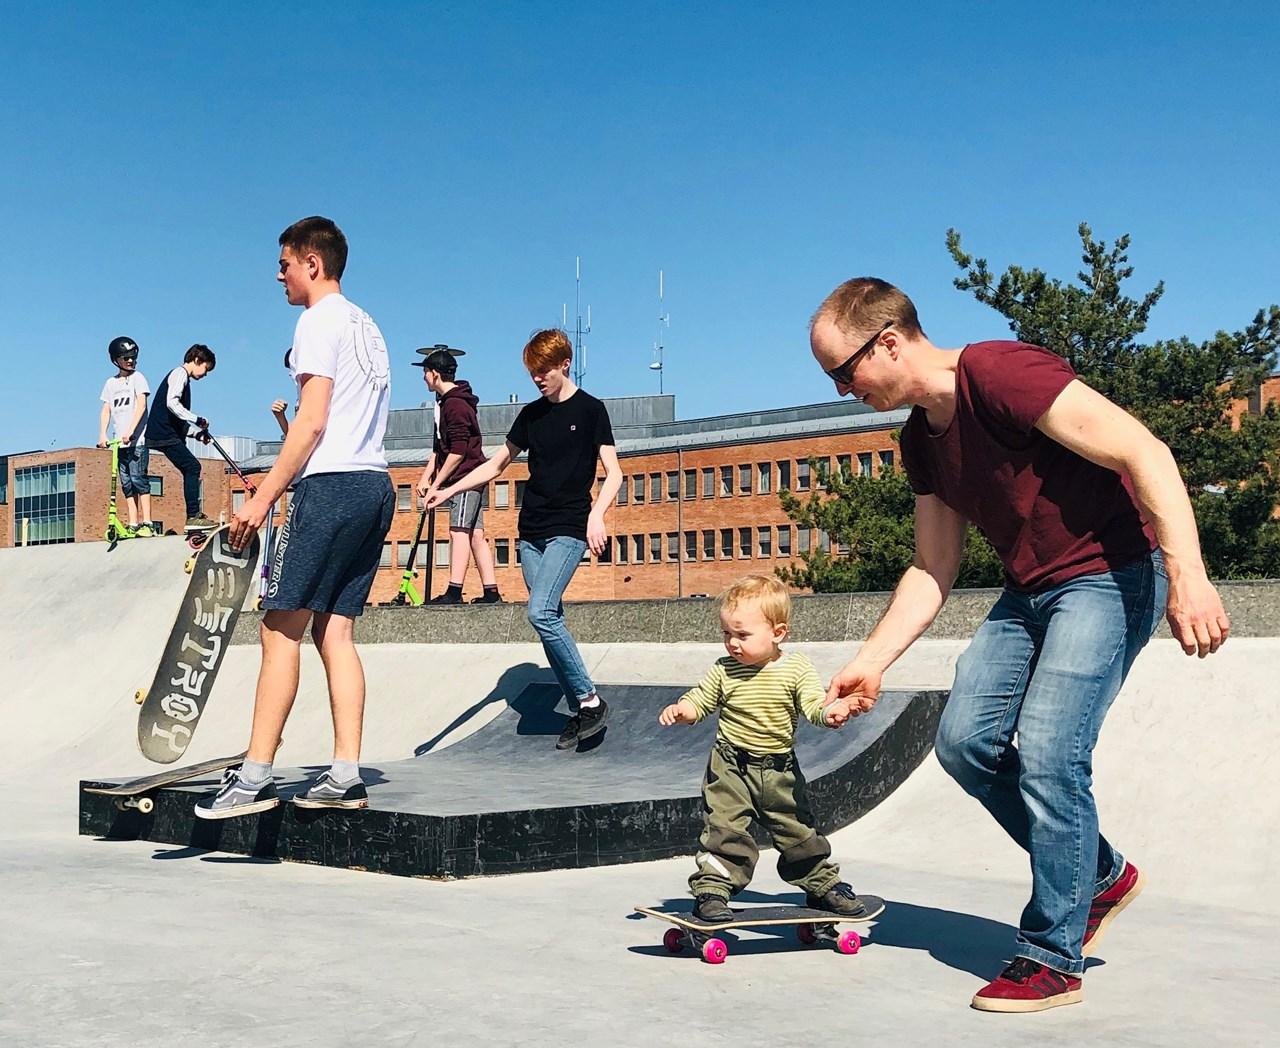 ALLESKALMED:Christoffer Imislund er selv en ivrig skater og tok med seg barna Ola (1) og Liv (3) til Lillestrøm Skatepark. - Utrolig gøy for oss alle, sier han fornøyd.